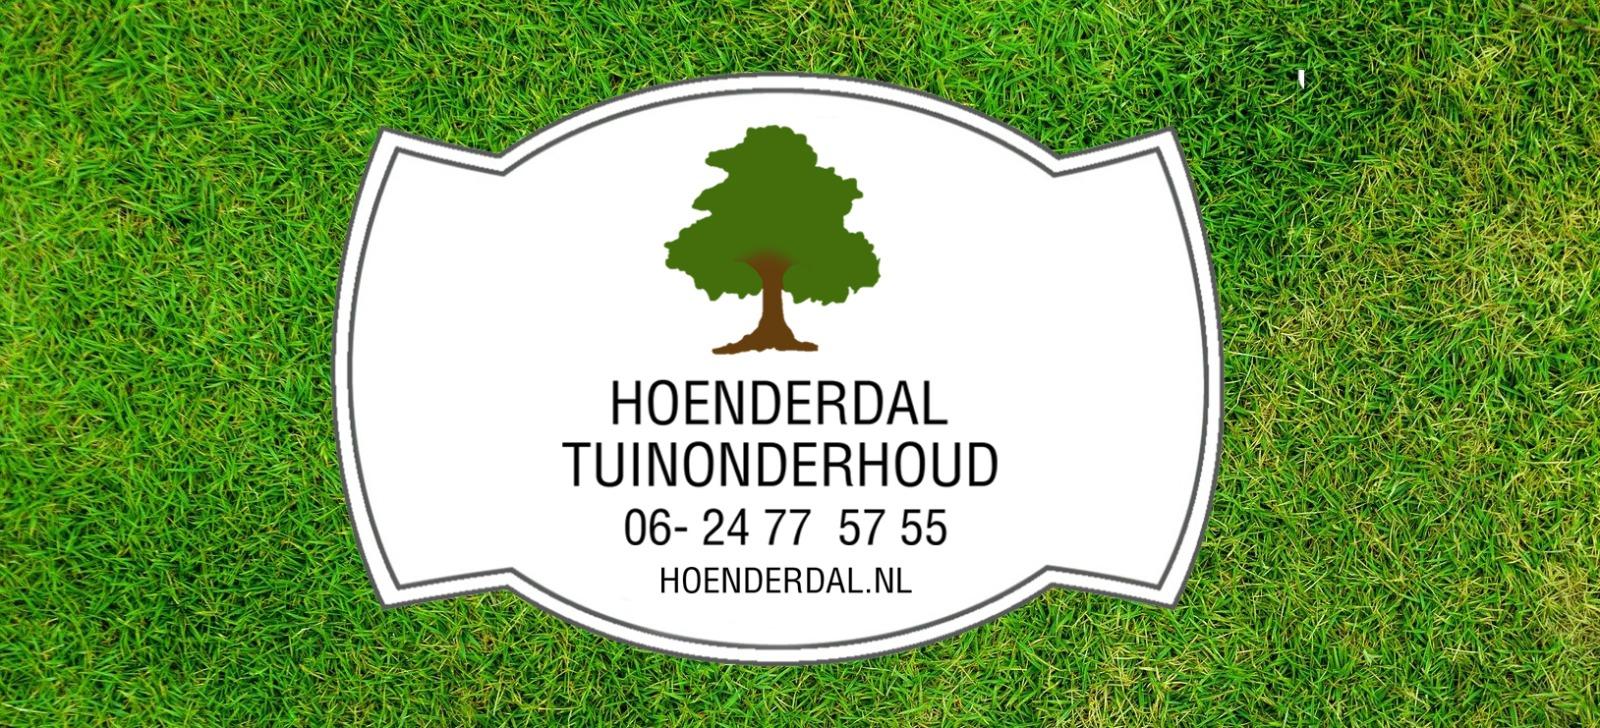 Hoenderdal Hovenier